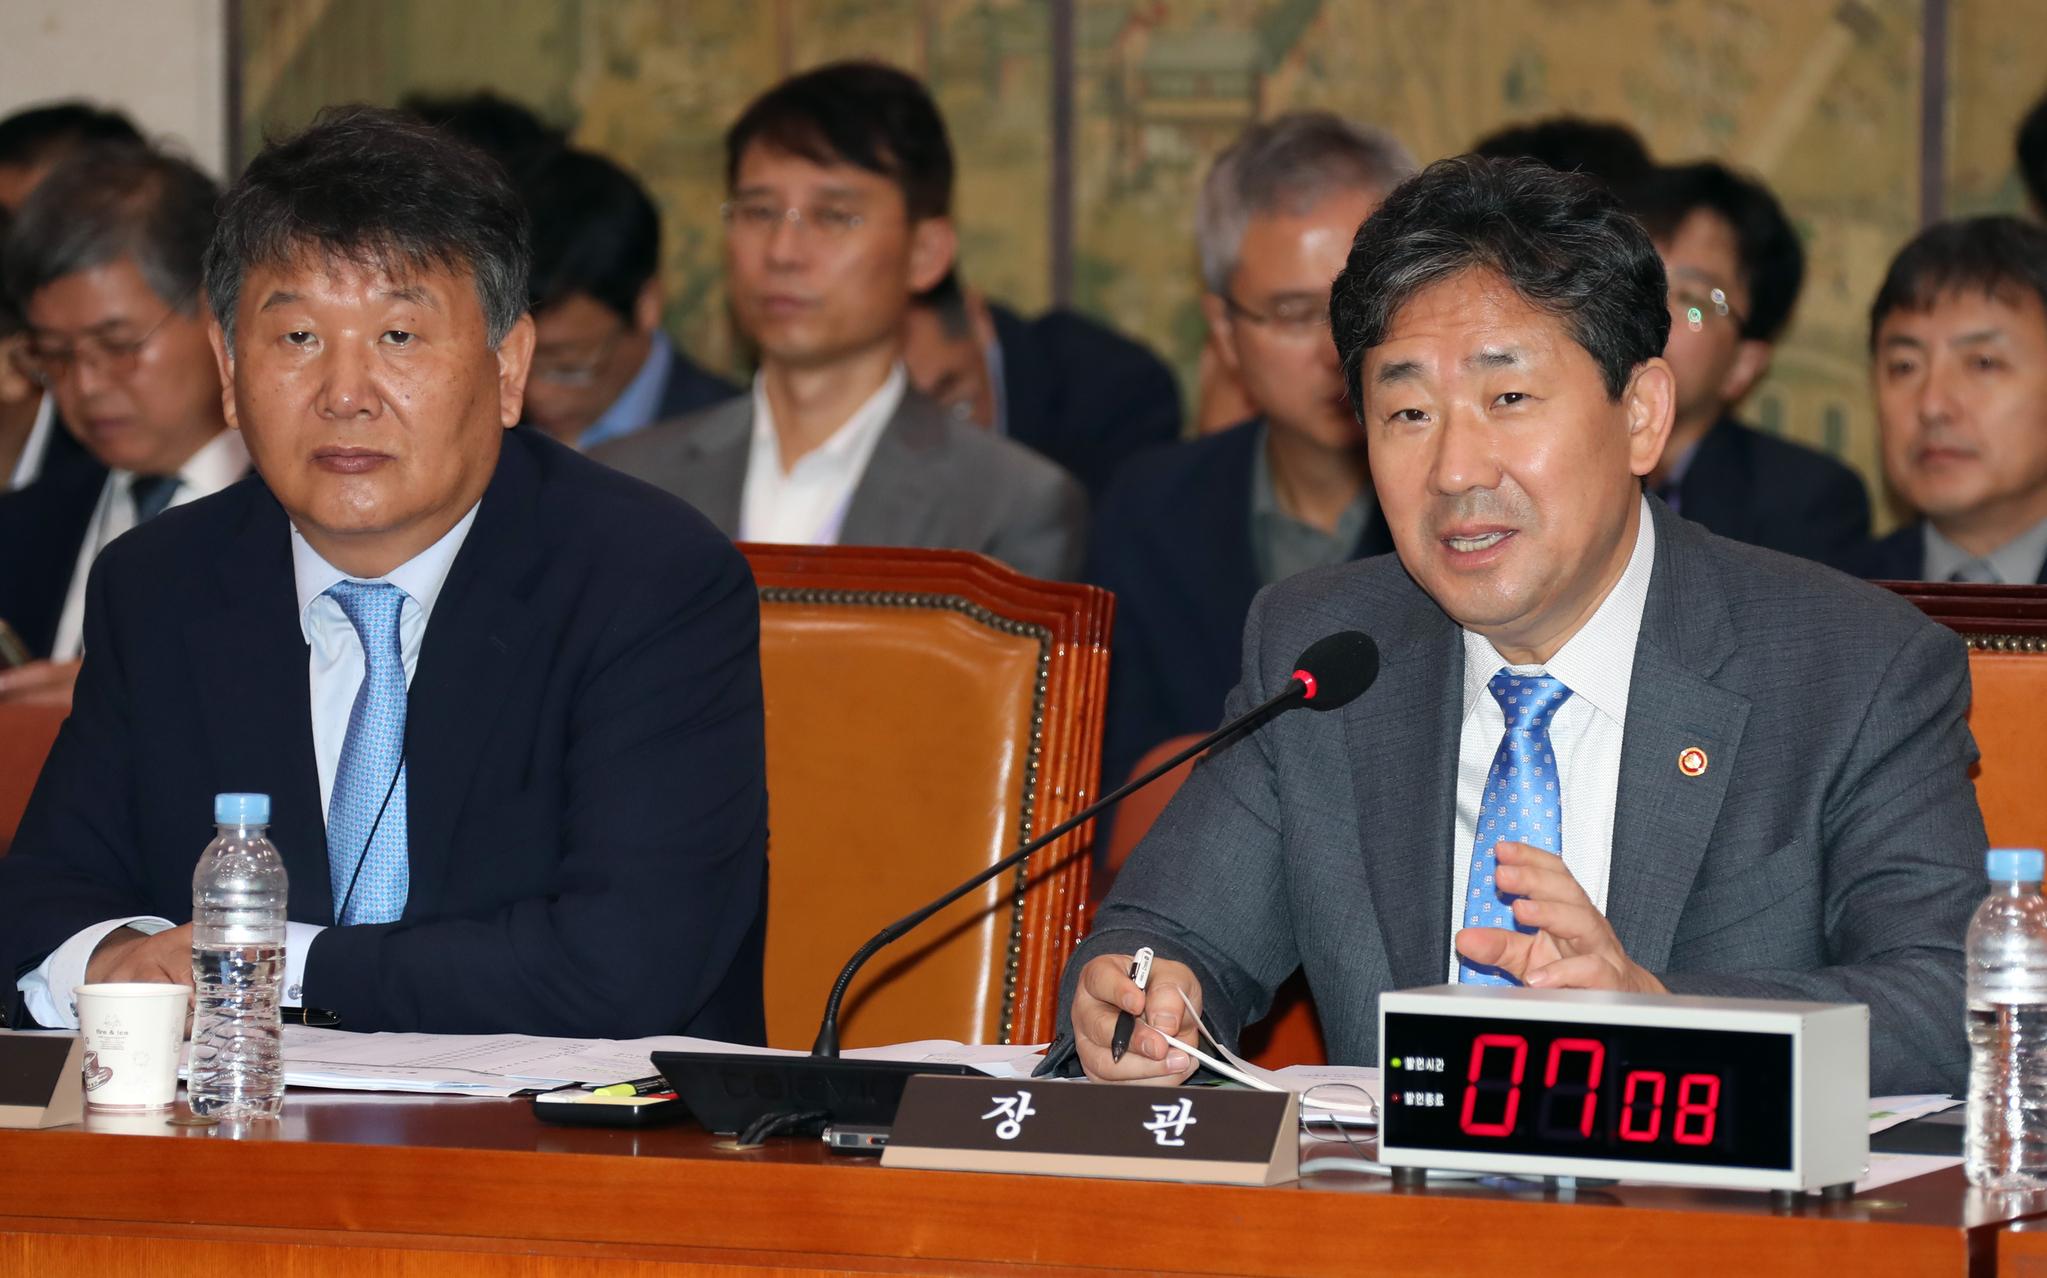 지난 2일 국회에서 열린 문화체육관광위원회 국정감사에서 박양우 문체부 장관(오른쪽)이 의원 질의에 답변하고 있다. [중앙포토]